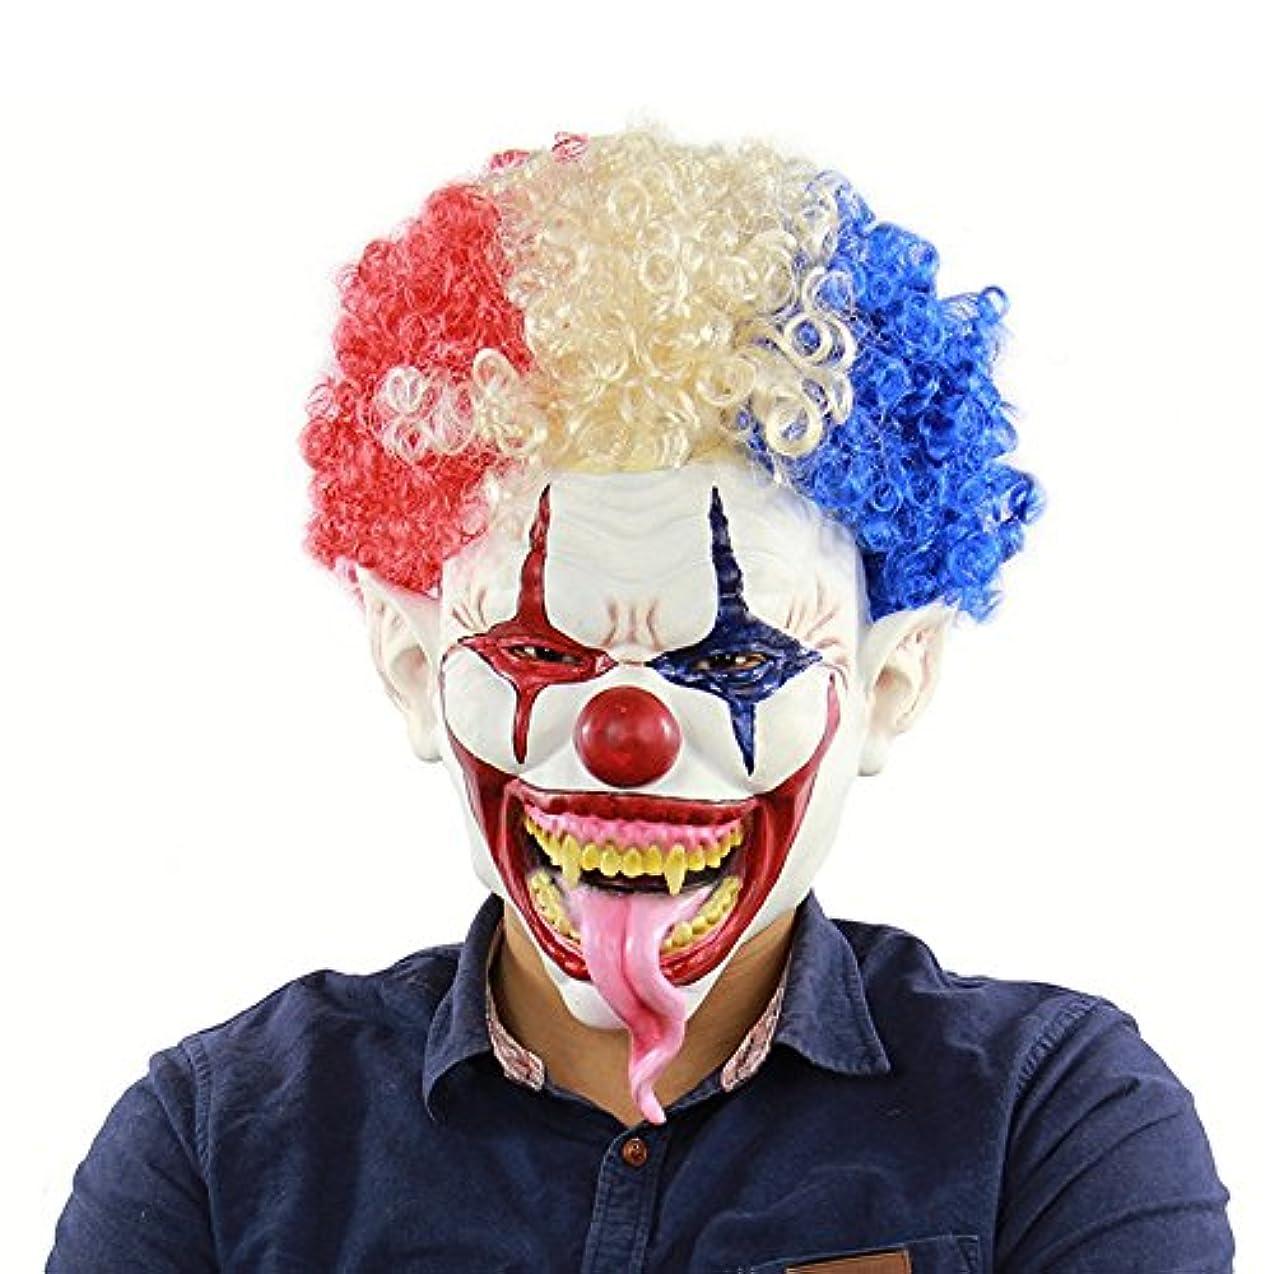 錆び半円百爆発的なヘッド大きな口長い舌ピエロマスクハロウィンアマゾン外国為替ラテックスホラーヘッドカバー